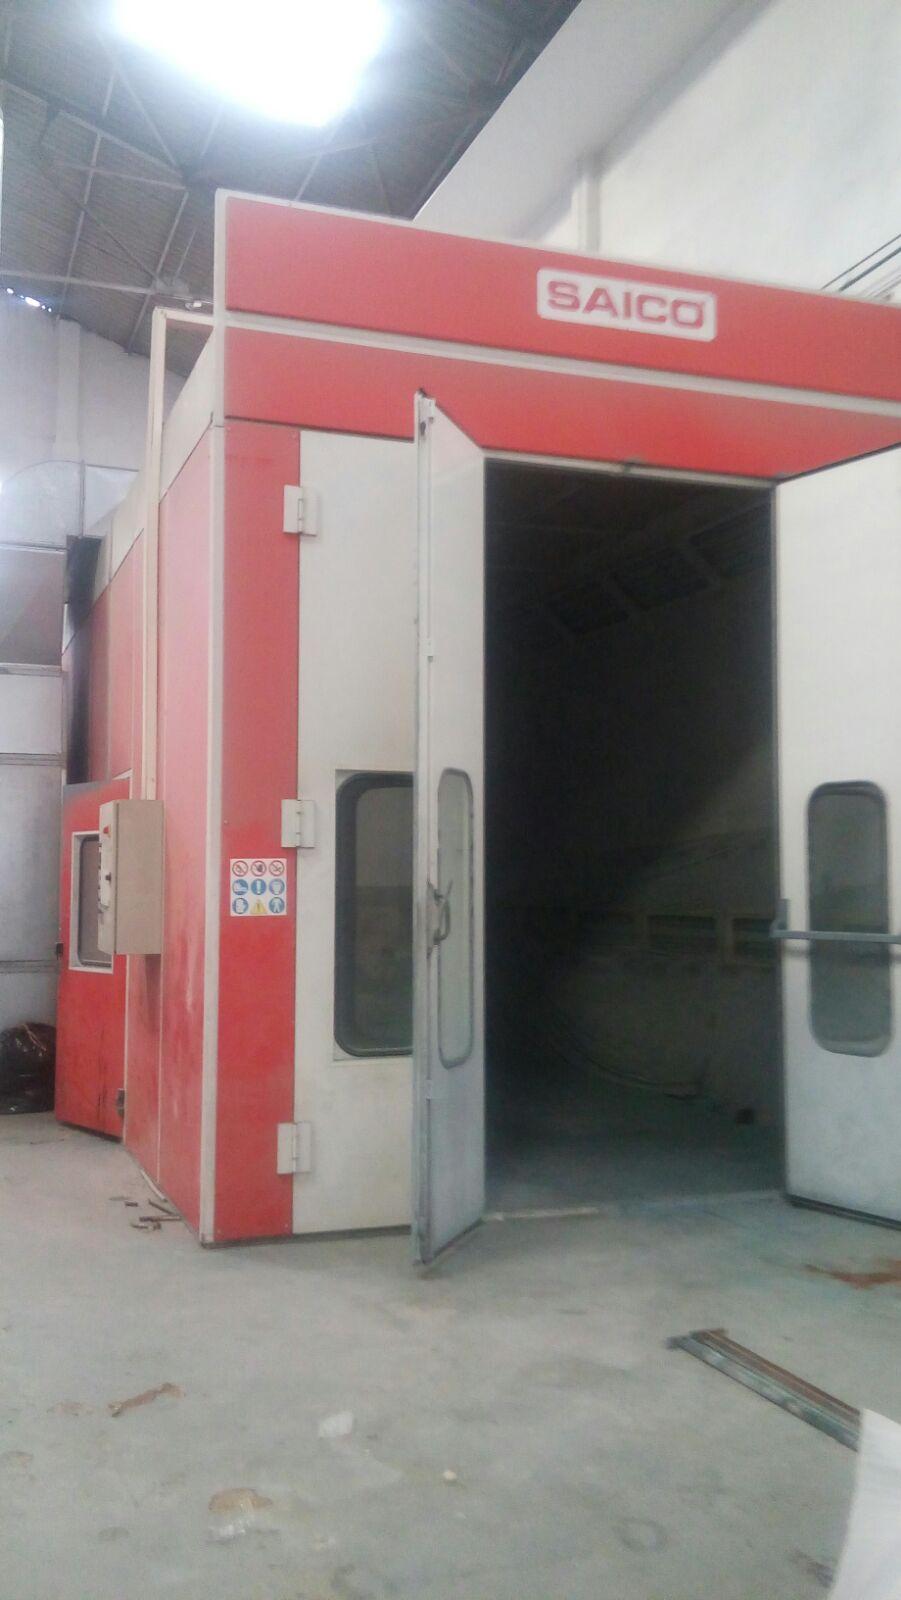 Cabine de peinture saico g cen machines d 39 occasion exapro - Cabina pintura ocasion ...